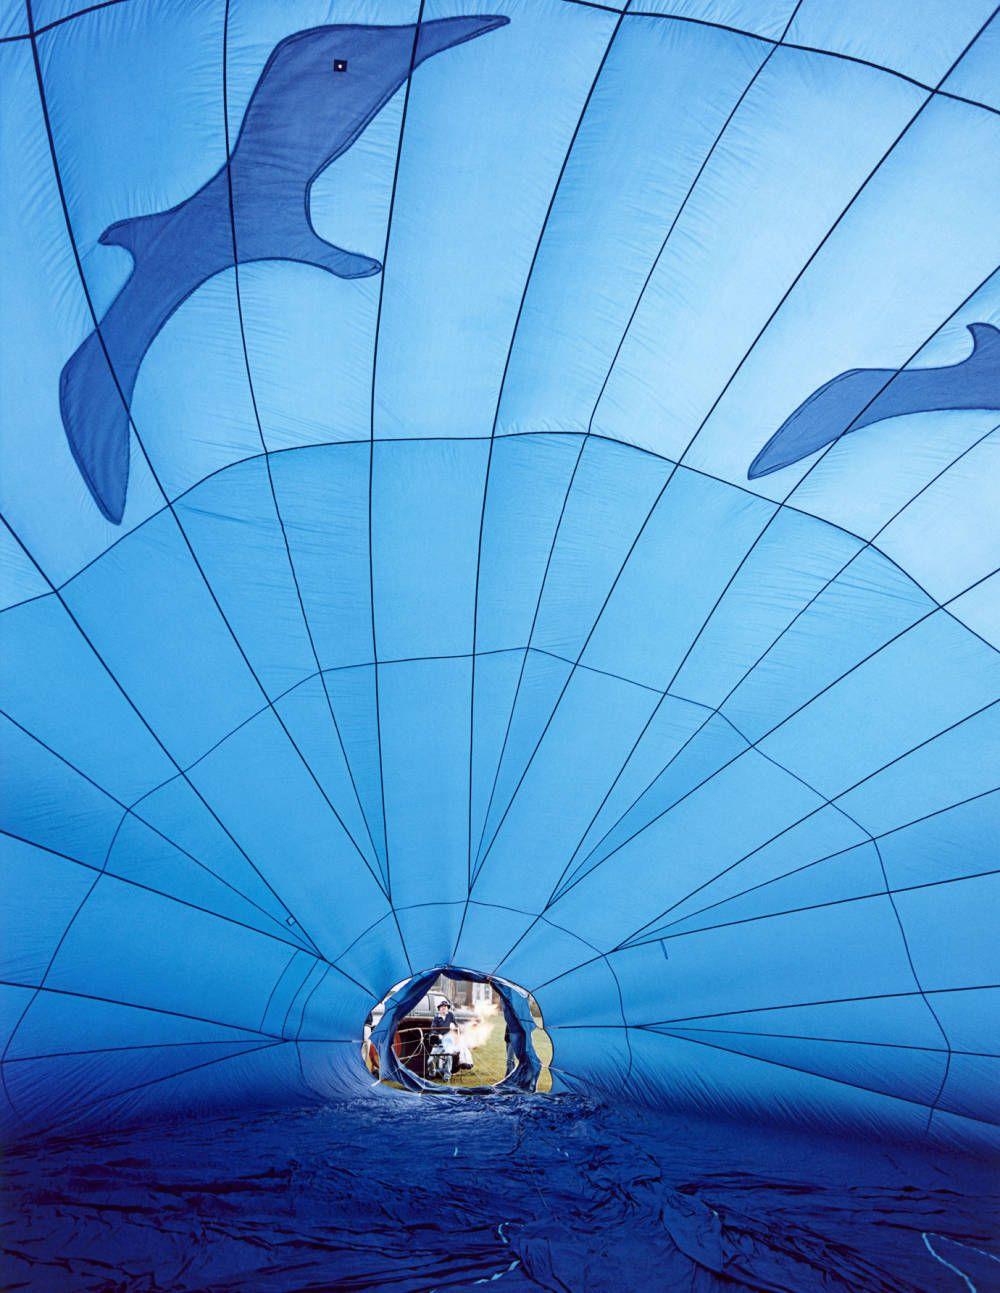 Inside a blue hot-air balloon